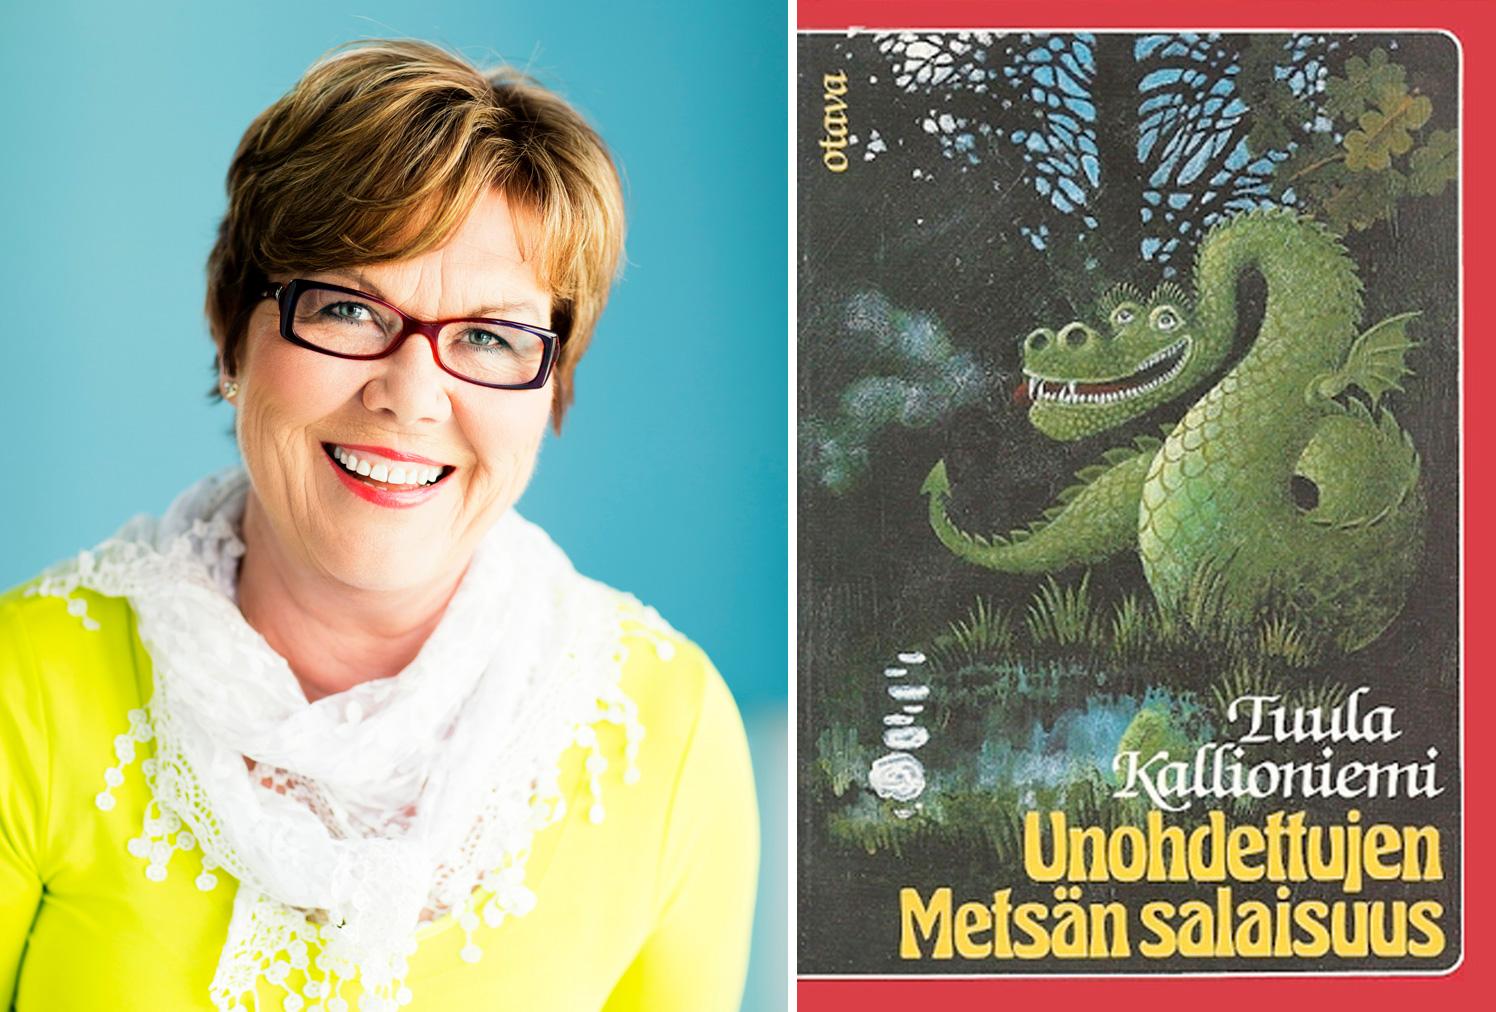 Tuula Kallioniemen sadussa vilahtaa tonttuja Liuksialasta ja Wääksystä. Kuva: Otava, Pekka Holmström 2013.